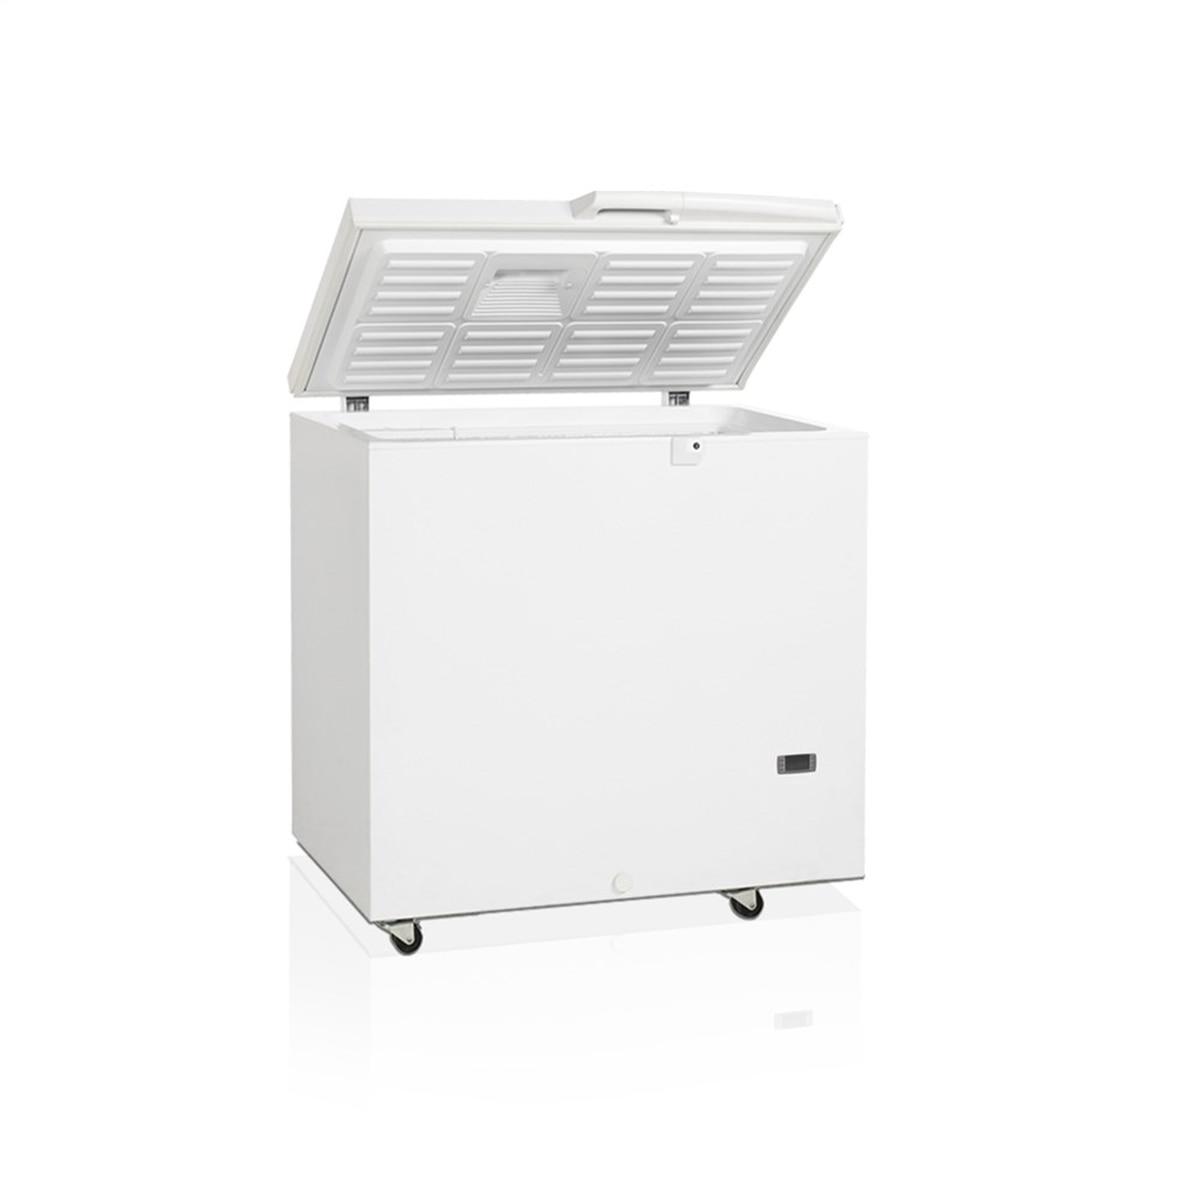 Tefcold Laboratoriefryseboks-45 grader 235 liter SE20-45